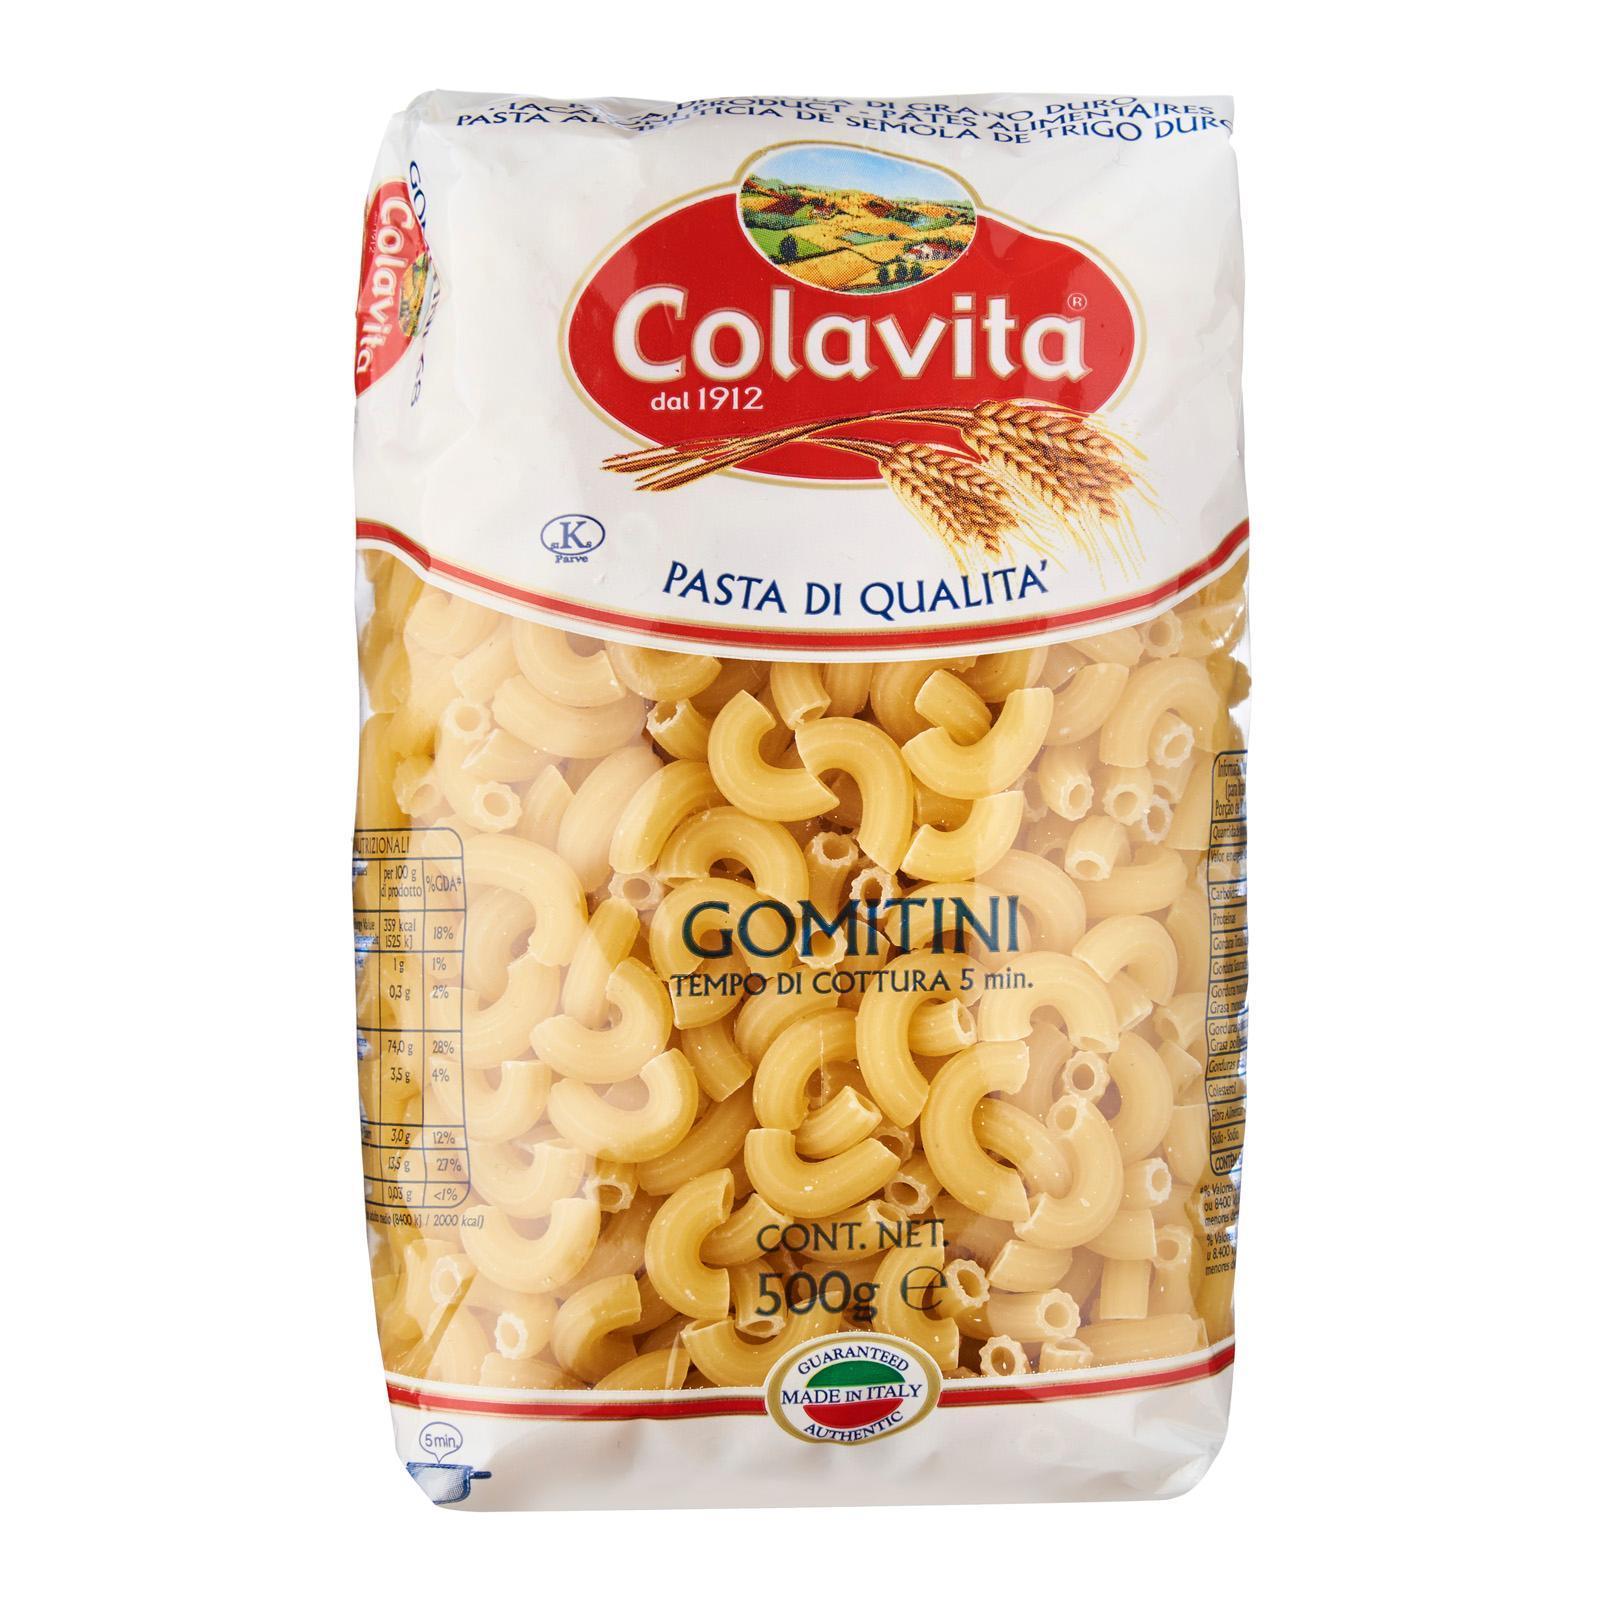 Colavita Pasta Gomitini